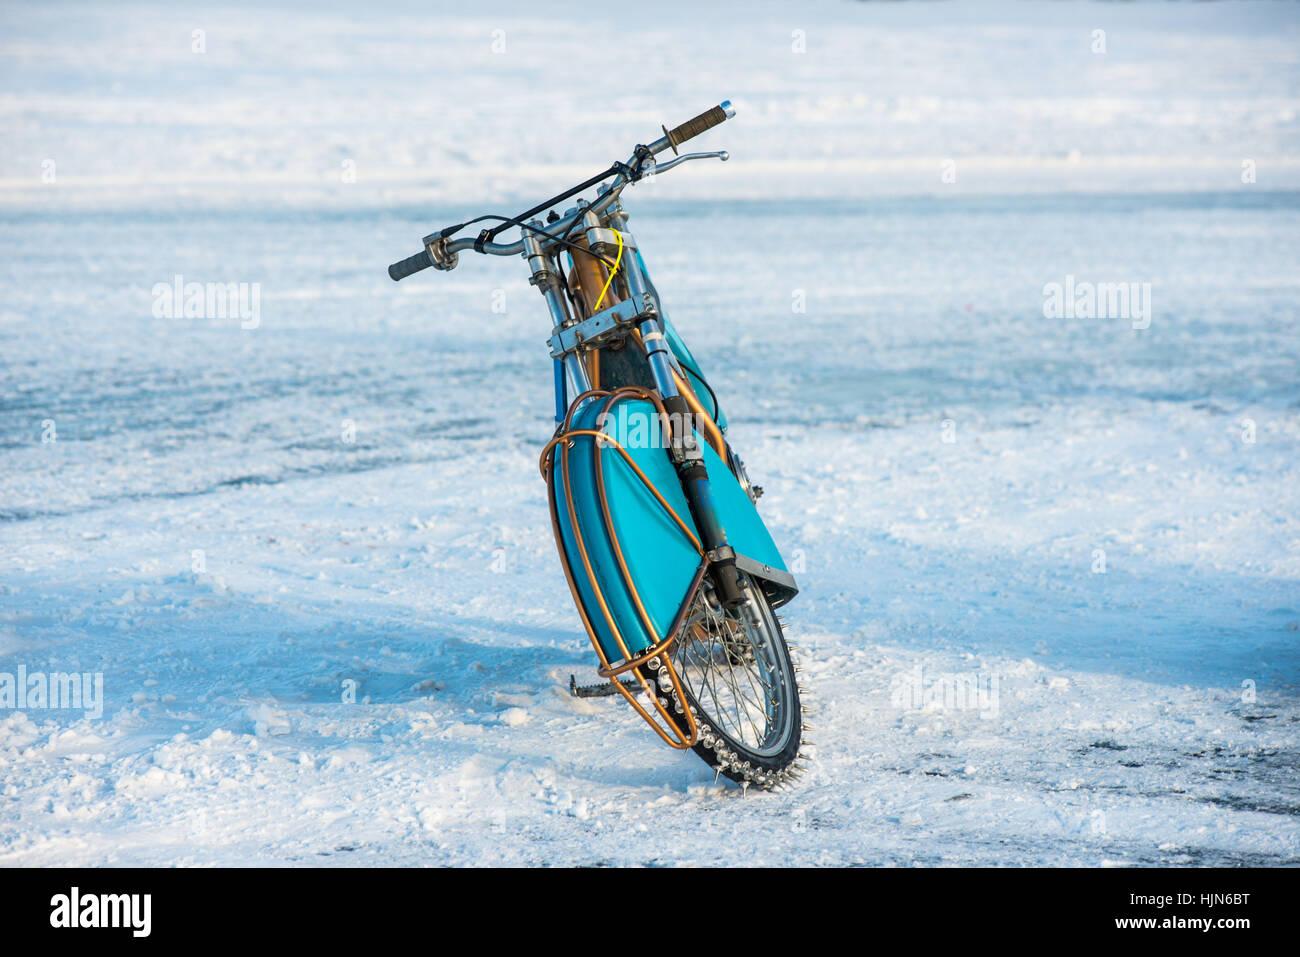 Motociclo per l'inverno Speedway Foto Stock